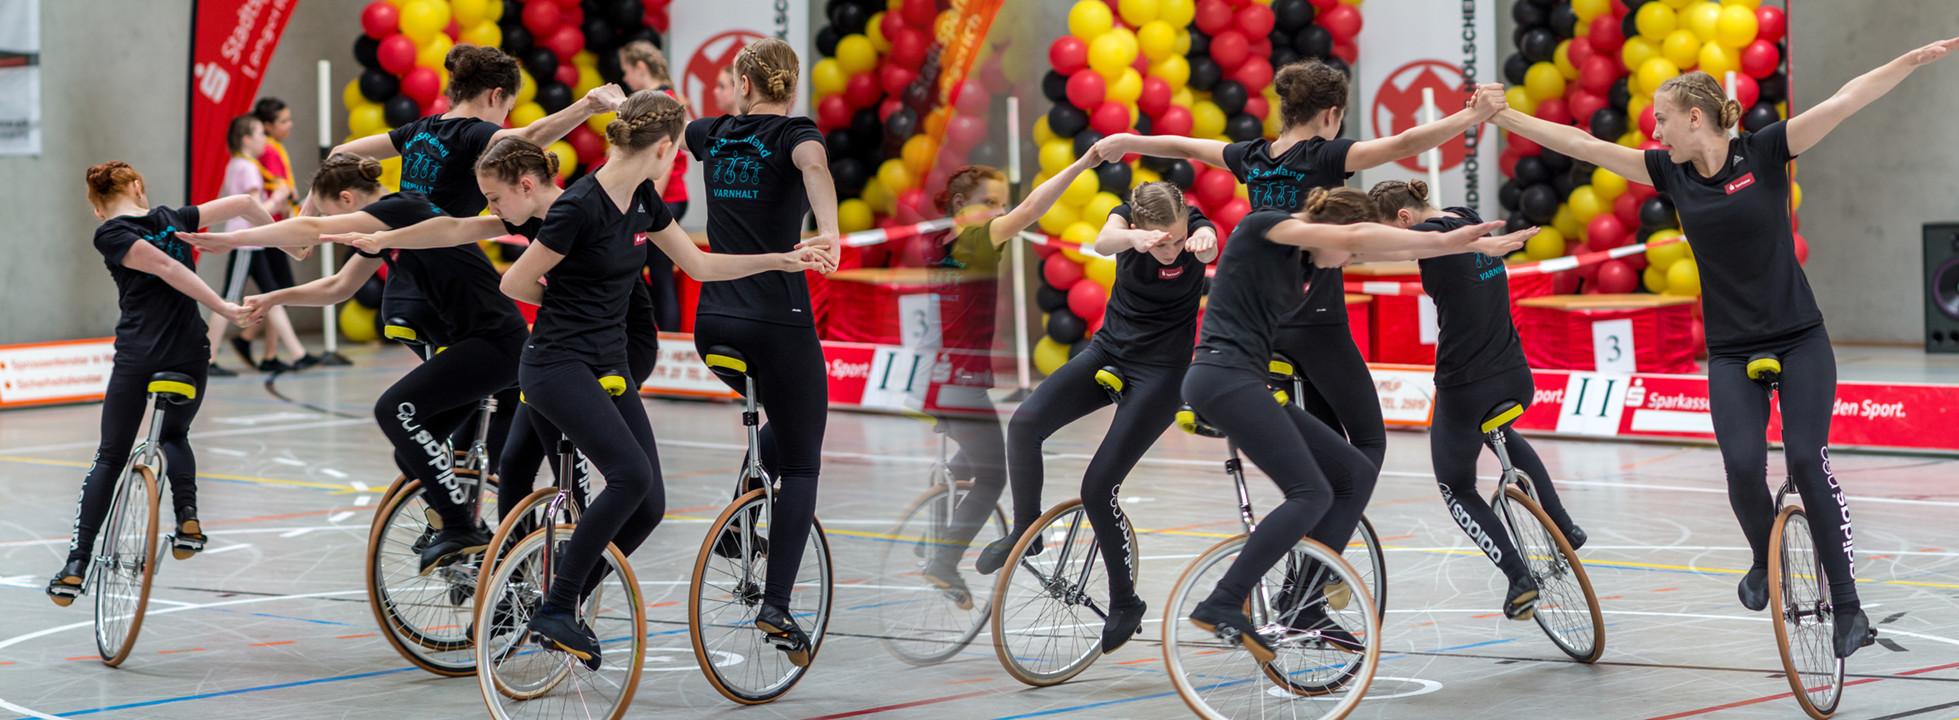 Deutsche Vize-Meister Einrad 6er offene klasse